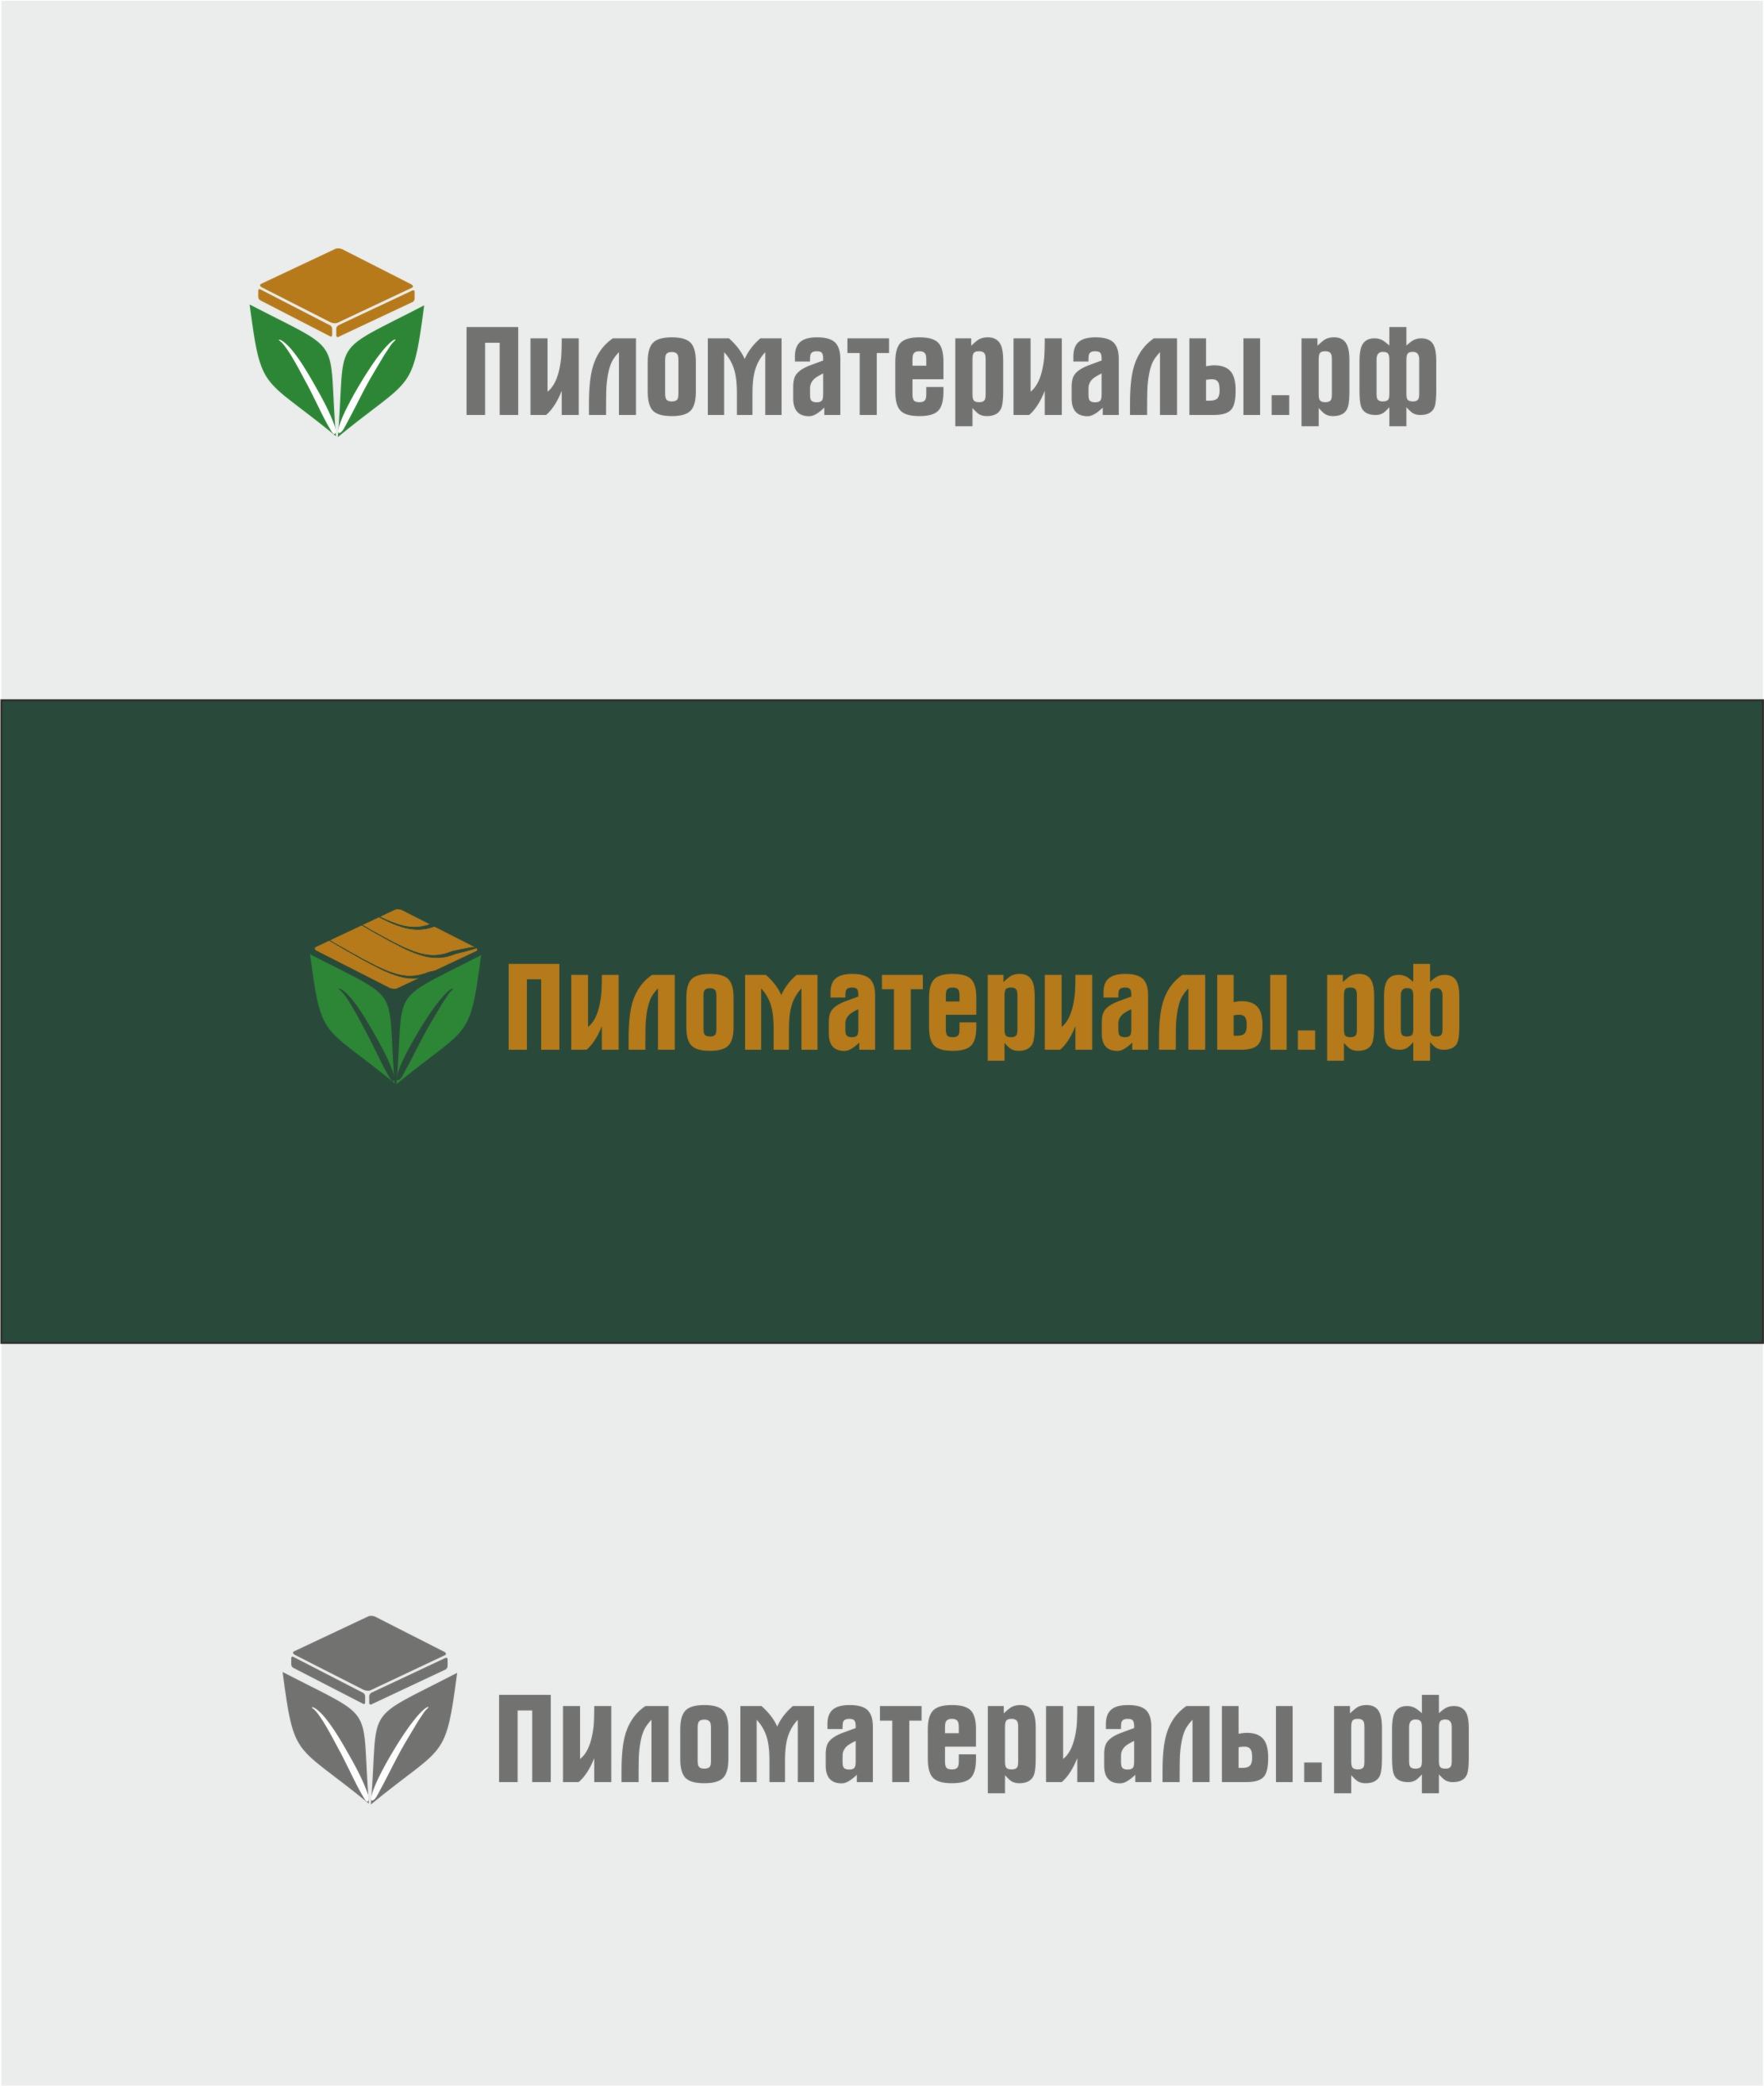 """Создание логотипа и фирменного стиля """"Пиломатериалы.РФ"""" фото f_72252f7fe9578616.jpg"""